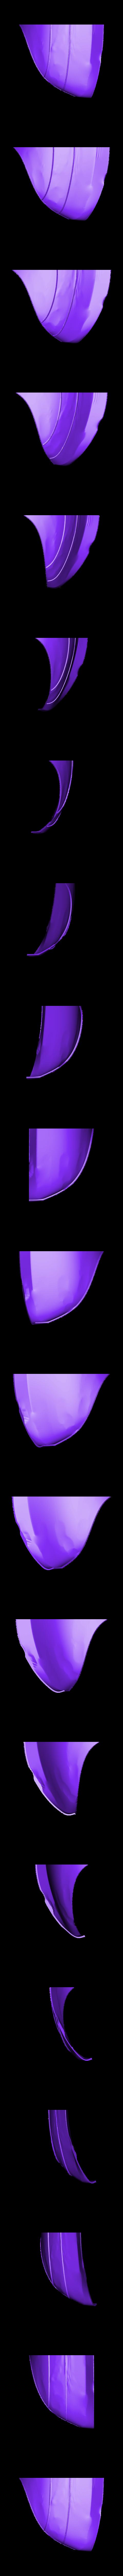 Part_2.stl Télécharger fichier STL gratuit Pour Honor Lawbringer Helm - Chevalier • Objet à imprimer en 3D, VillainousPropShop